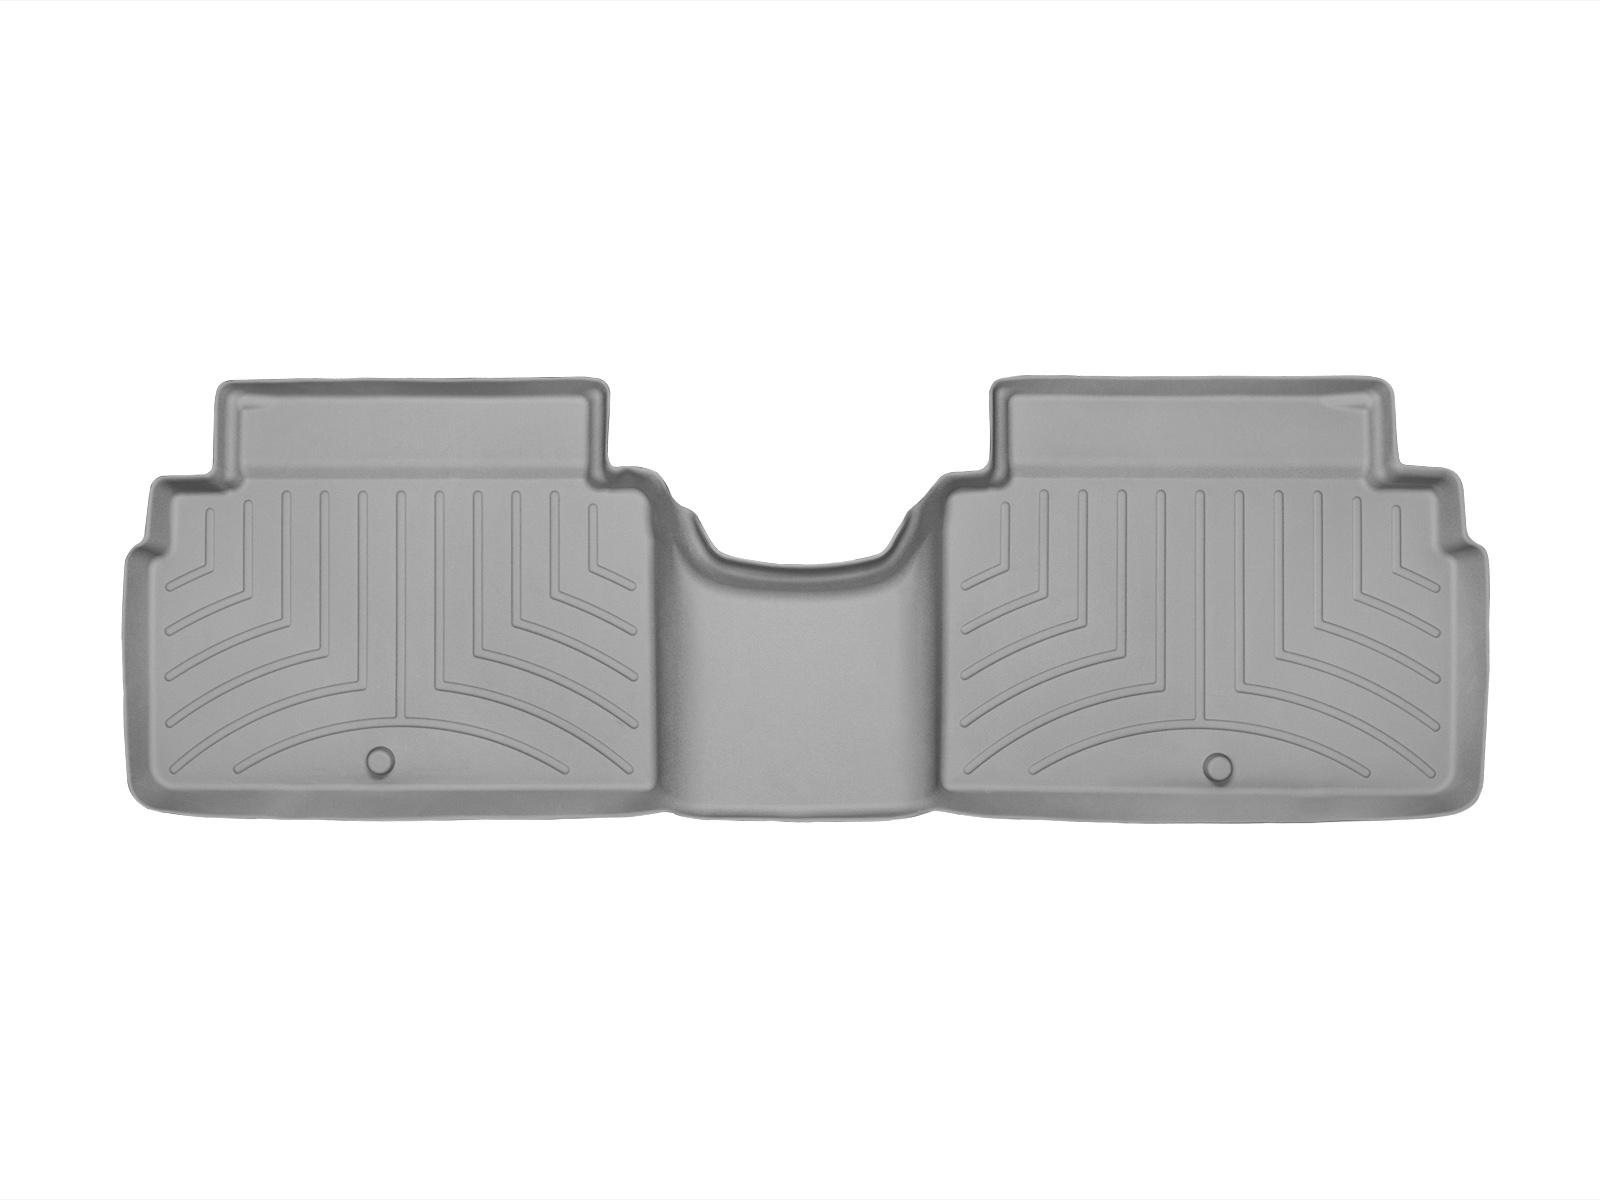 Tappeti gomma su misura bordo alto Kia Sportage 11>15 Grigio A1845*